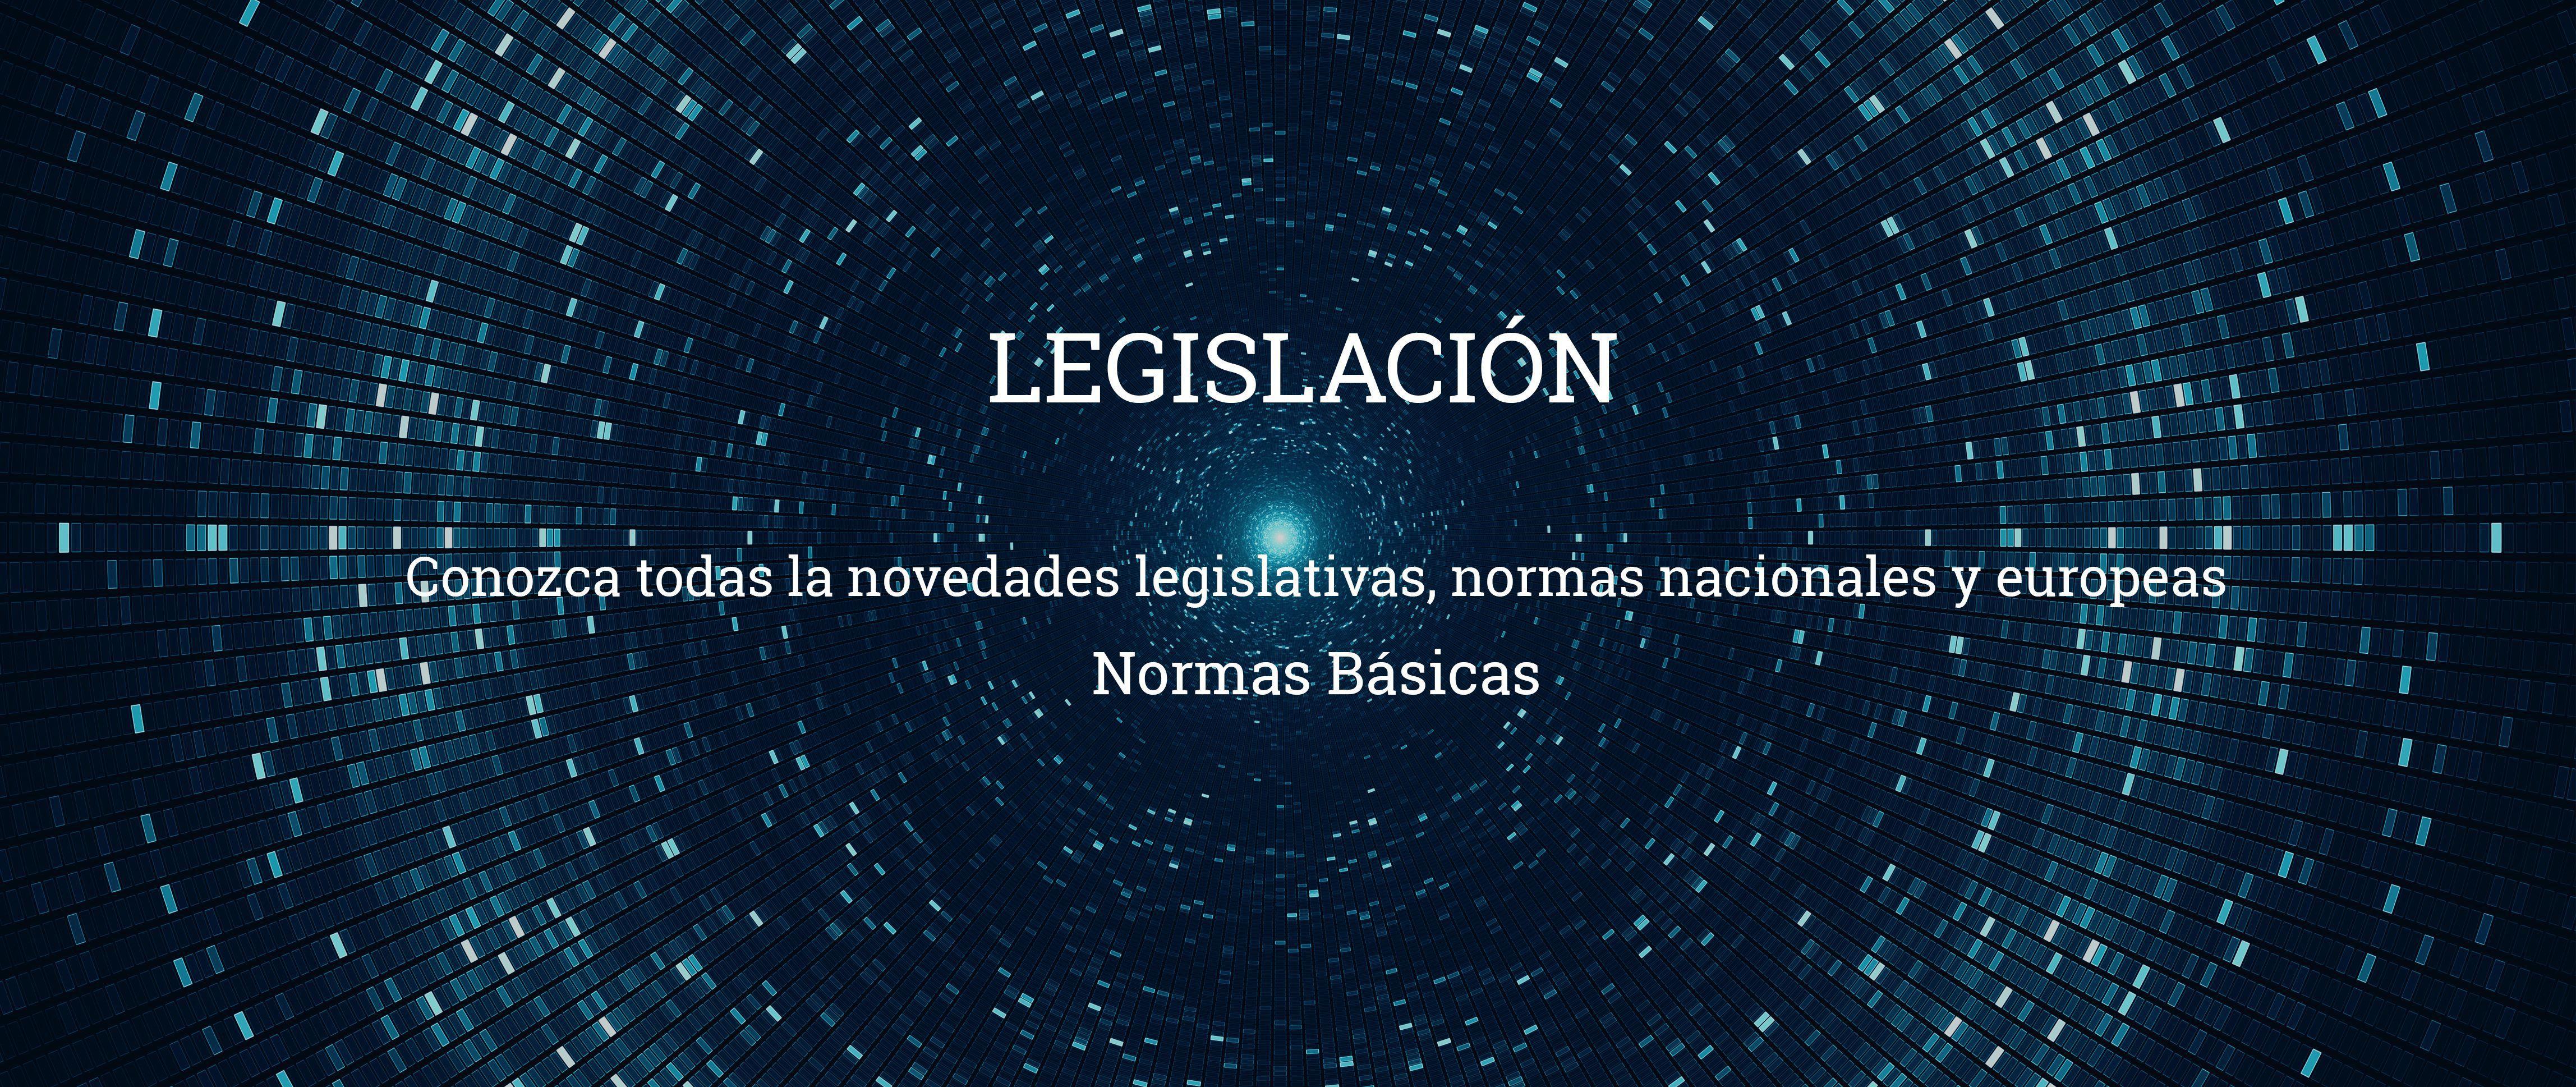 legislacion normas basicas Normas Básicas